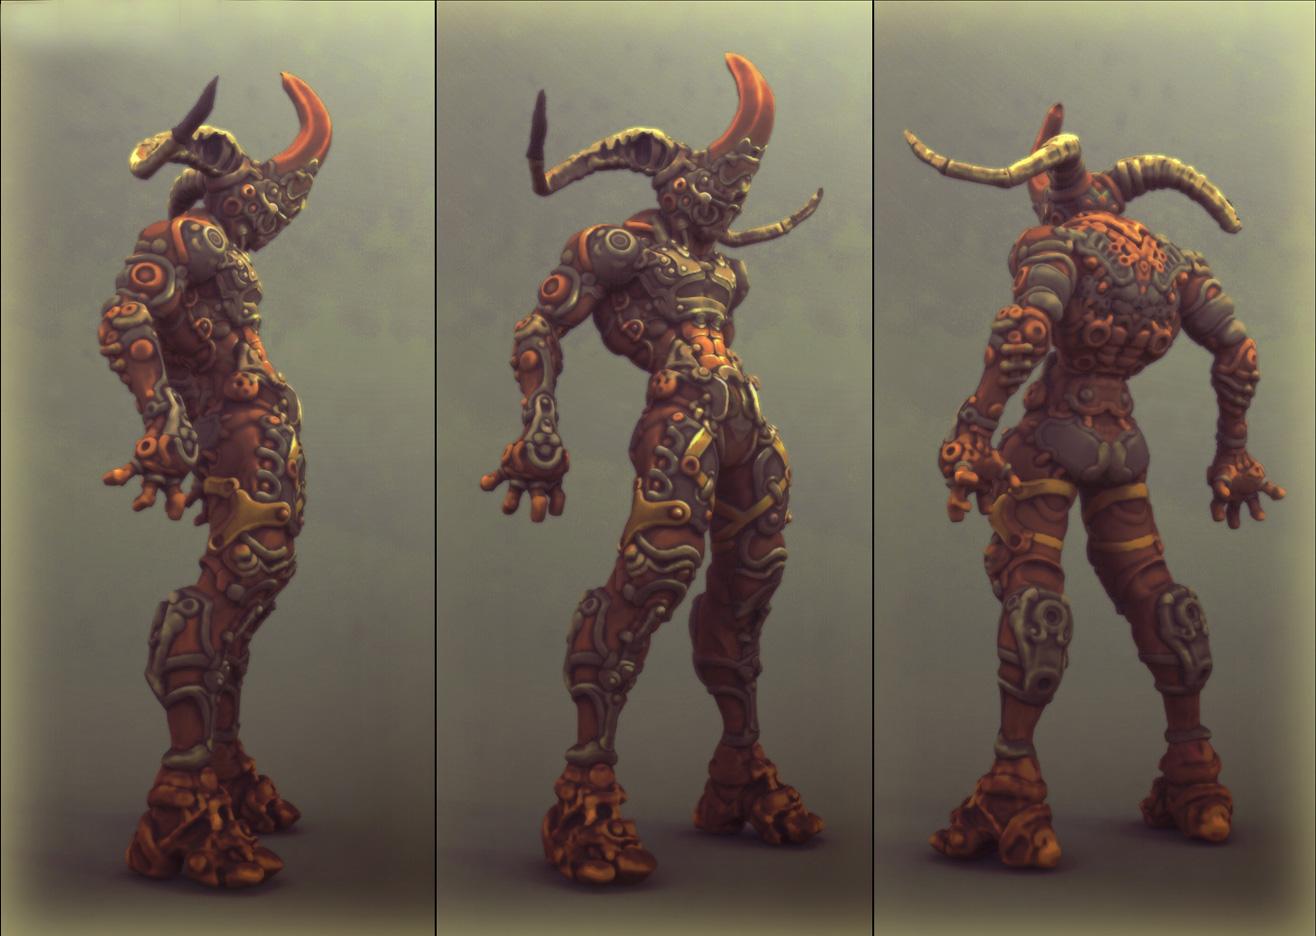 mech-warrior